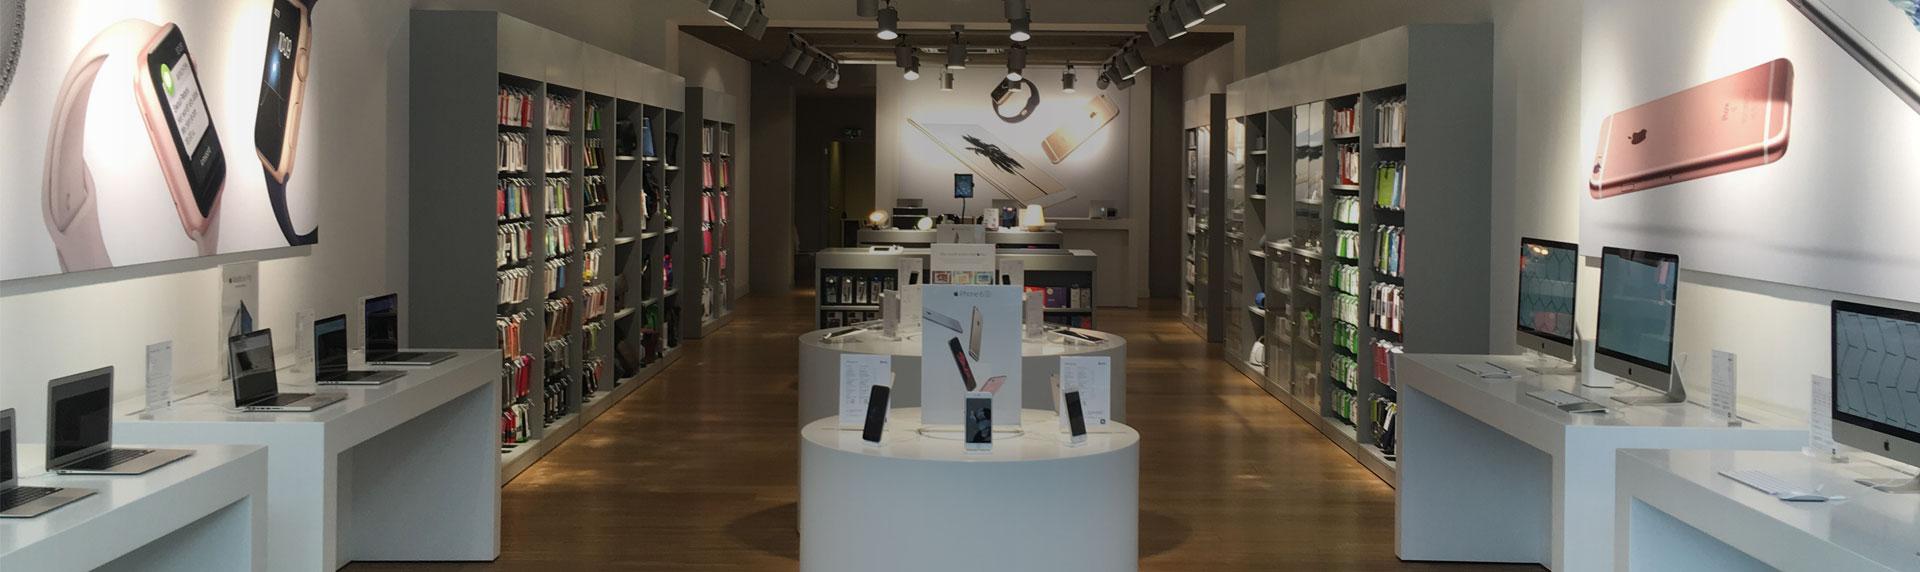 store_headers_denbosch